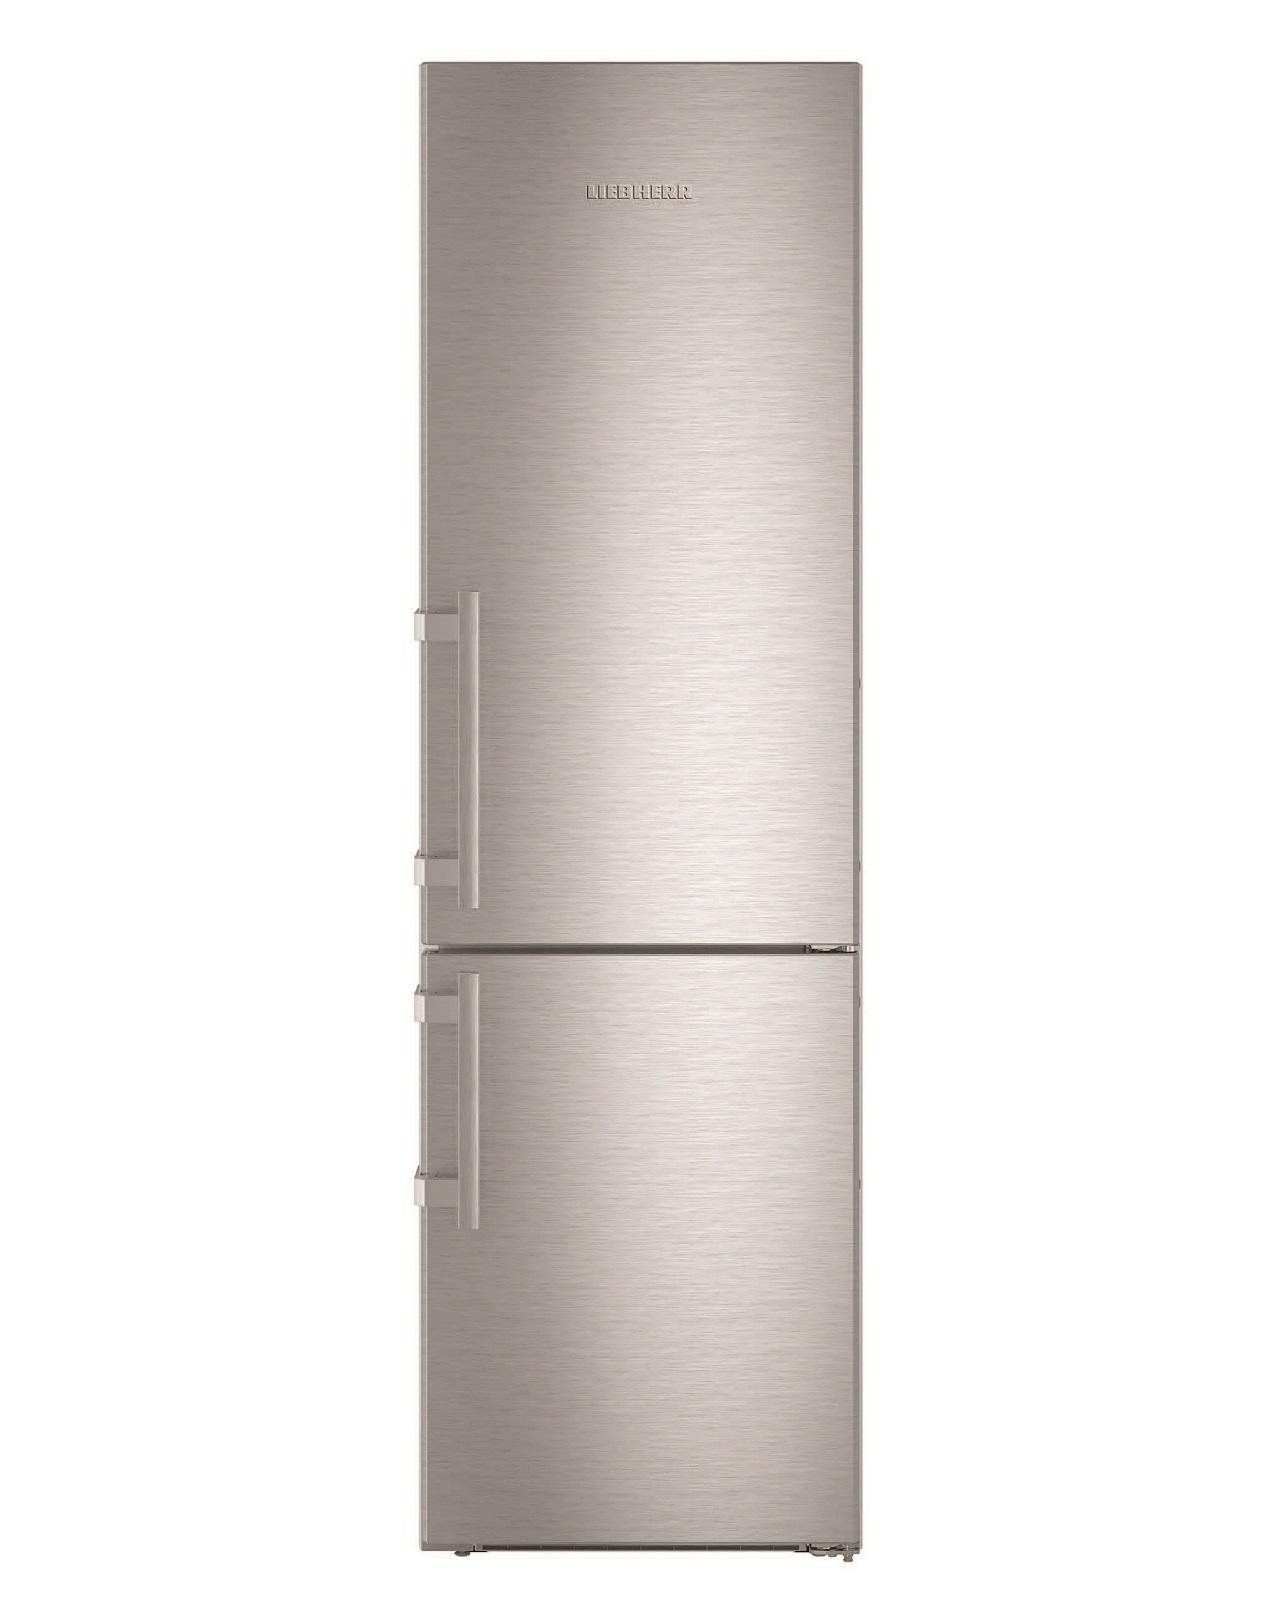 купить Двухкамерный холодильник Liebherr CNef 4845 Украина фото 5